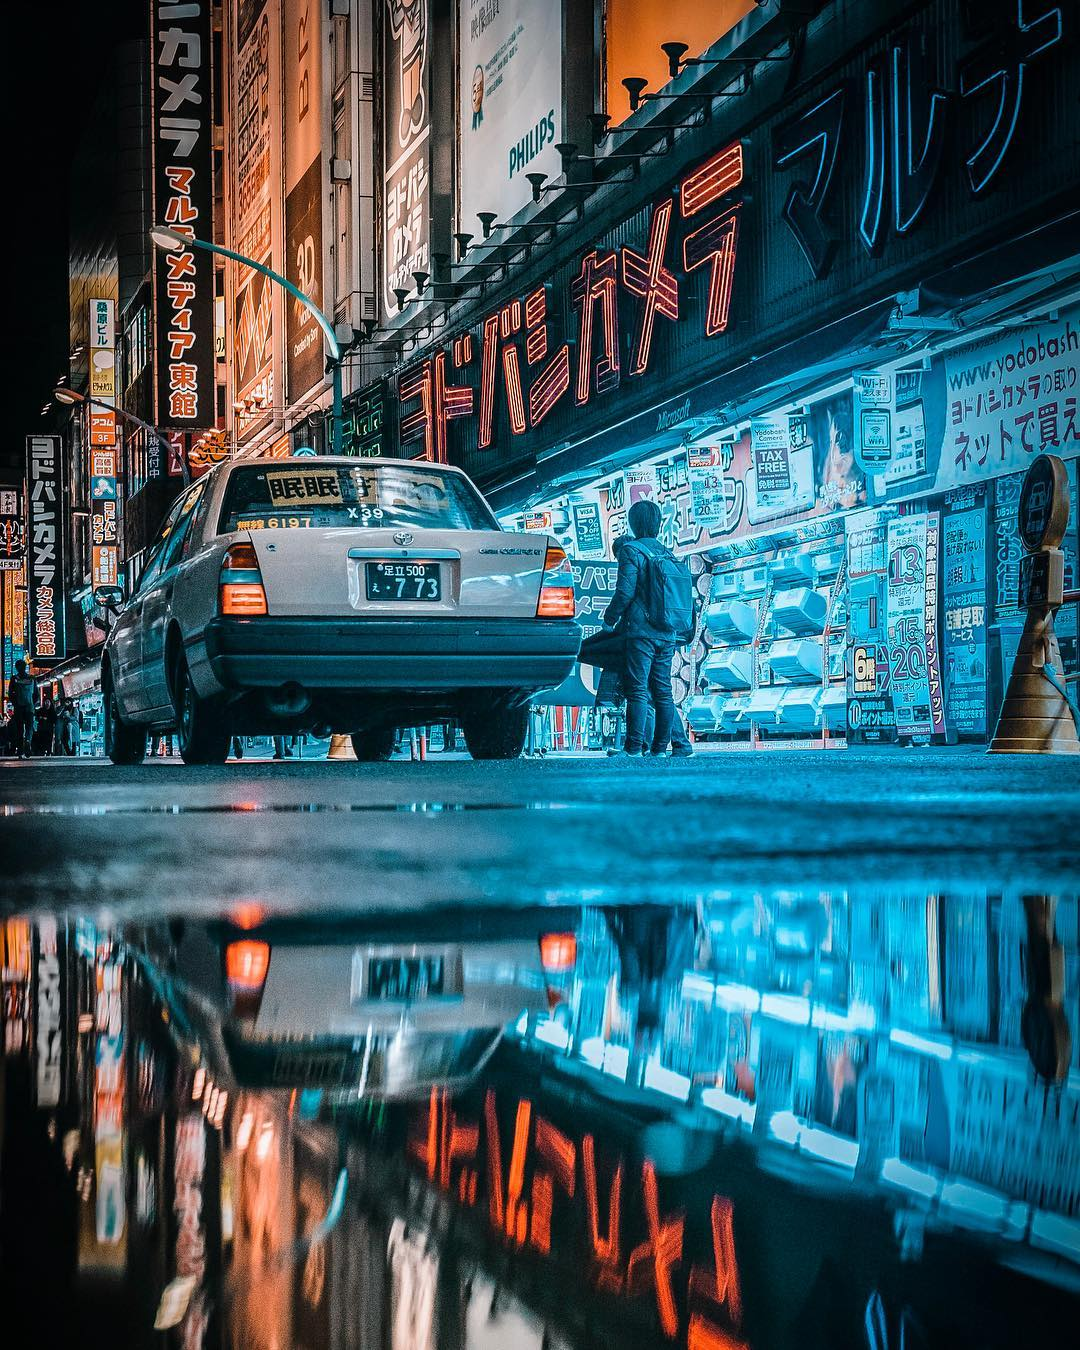 Волшебство японских улиц ночью на снимках Джуна Ямамото (25 фото)